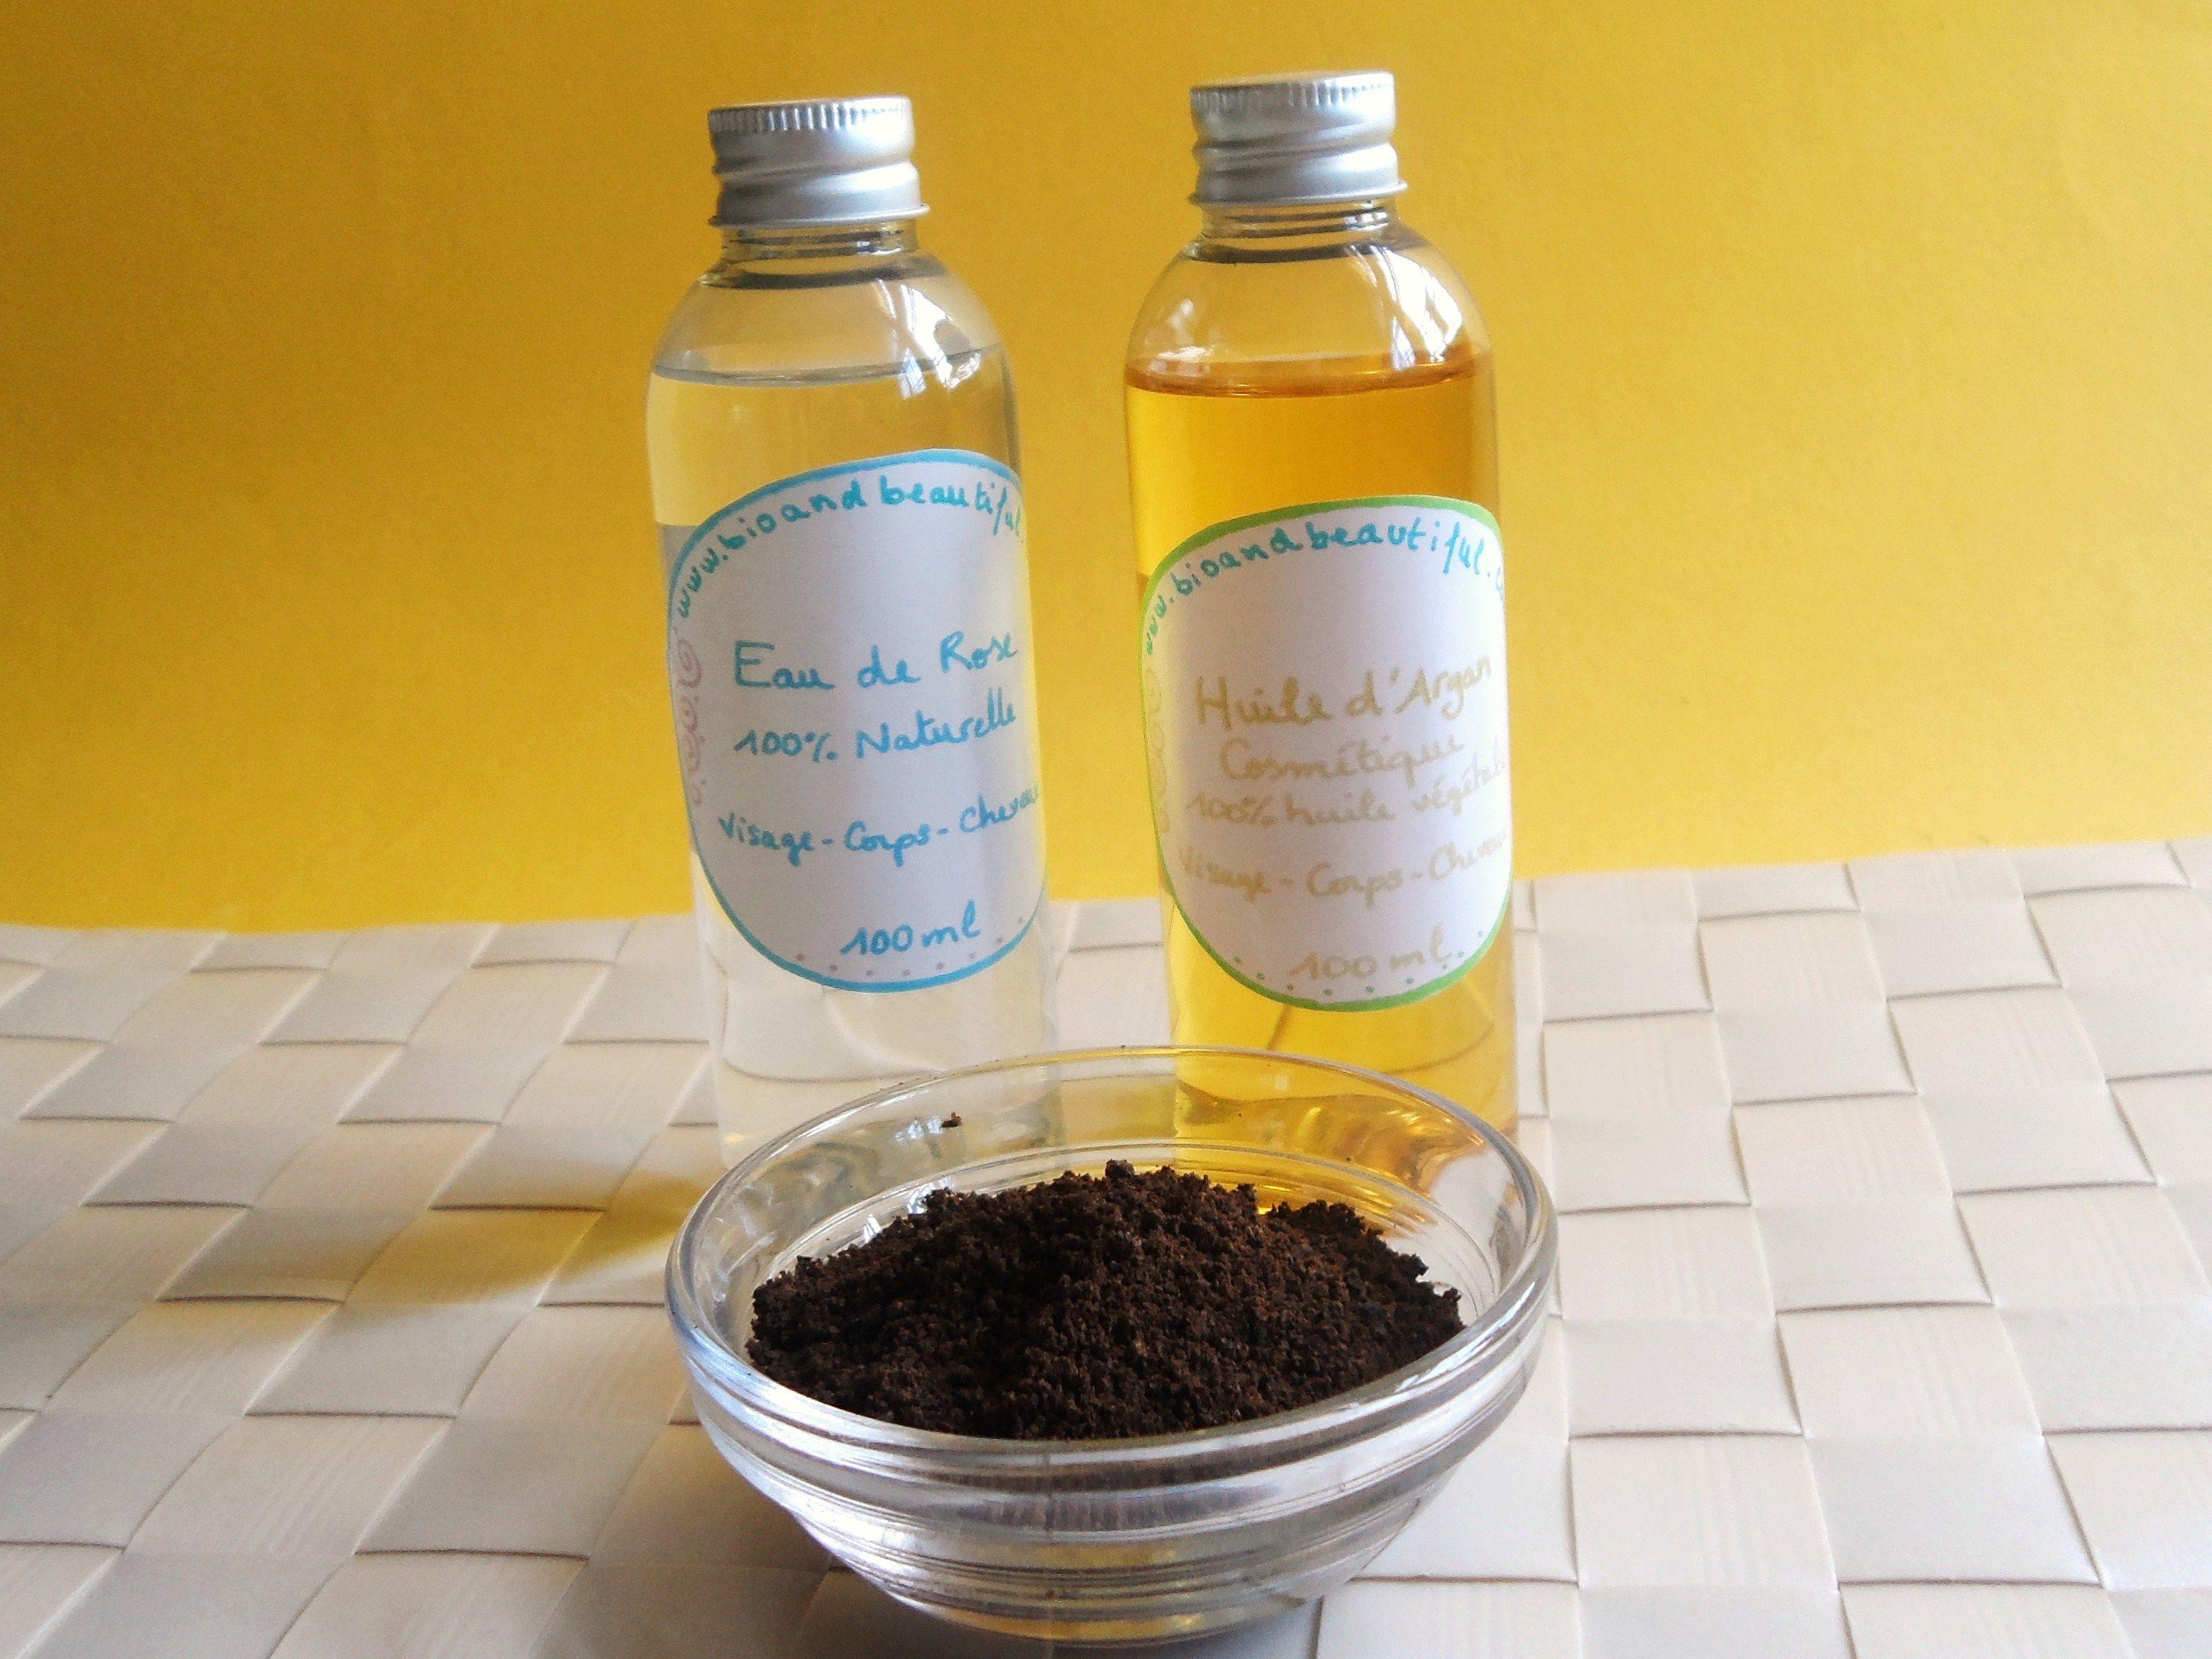 Recette De Gommage Naturel Marc De Cafe Eau De Rose Et Huile D Argan Sugar Scrub Cafe Beauty